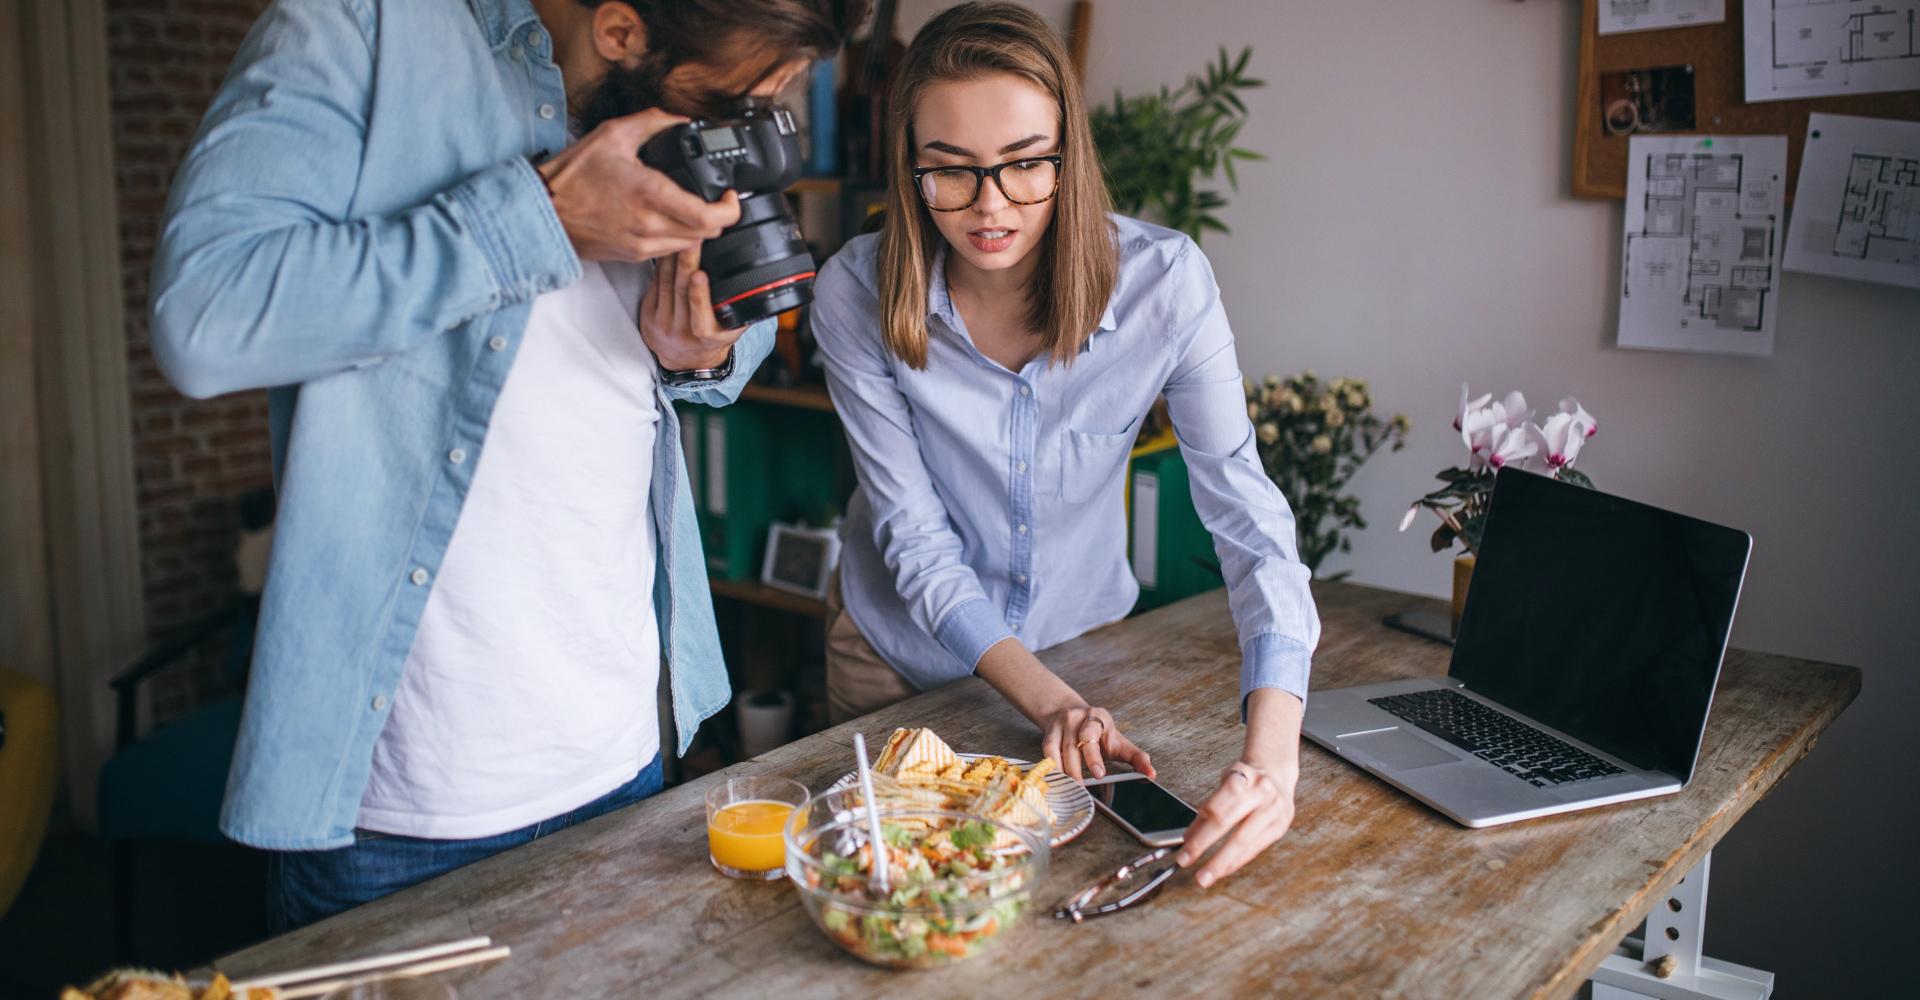 Food influencer camera shoot